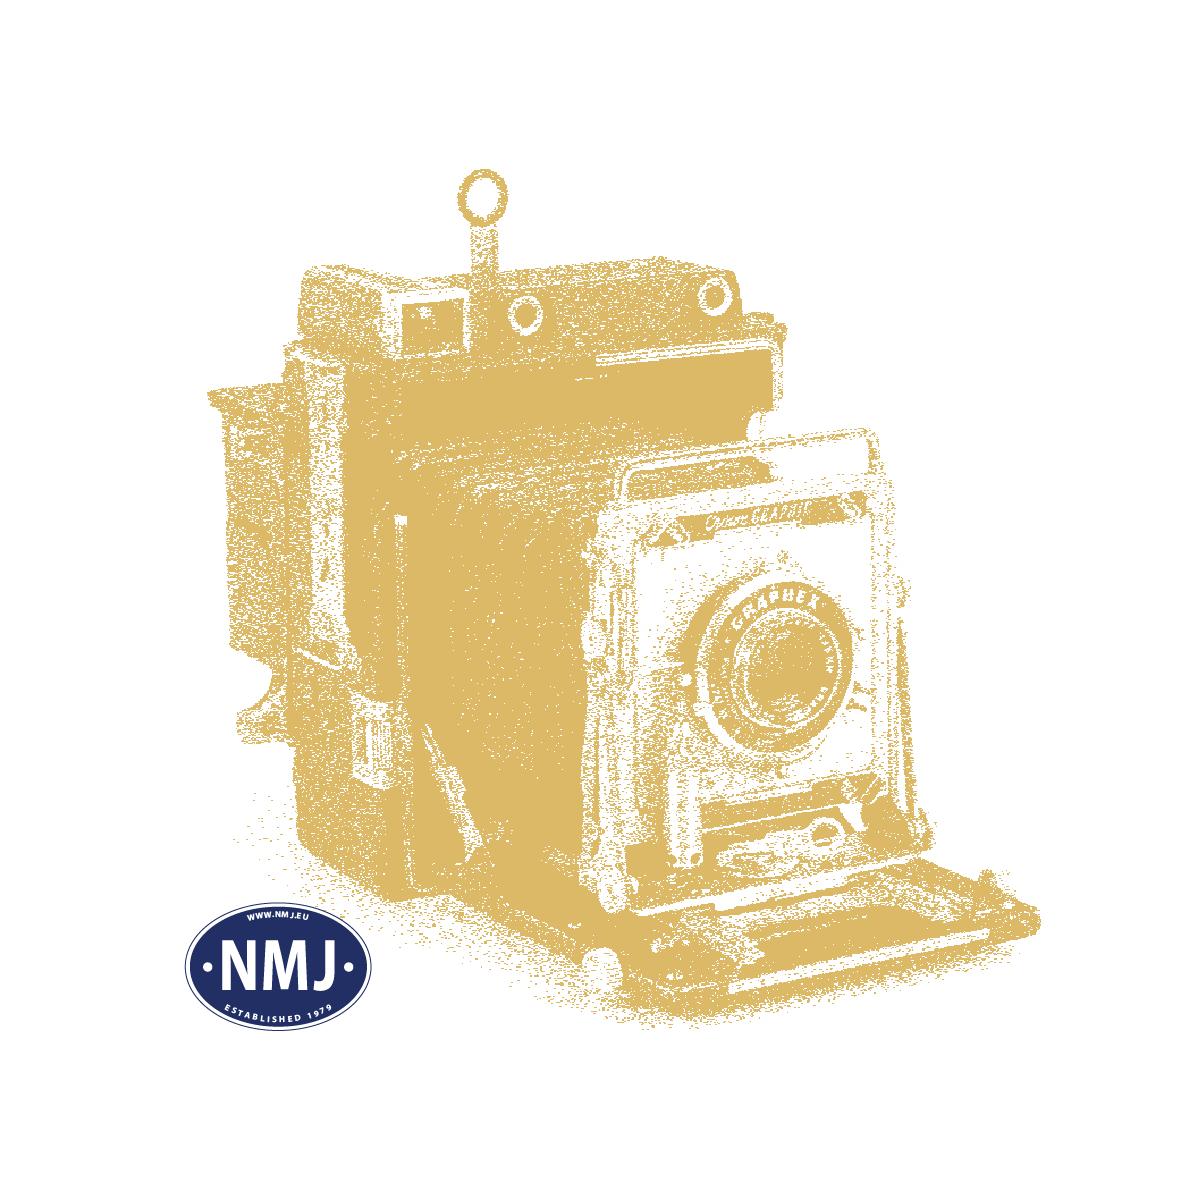 NMJT86.102 - NMJ Togpakke: NSB El11 og 8 godsvogner, 1952 - 1971, DC